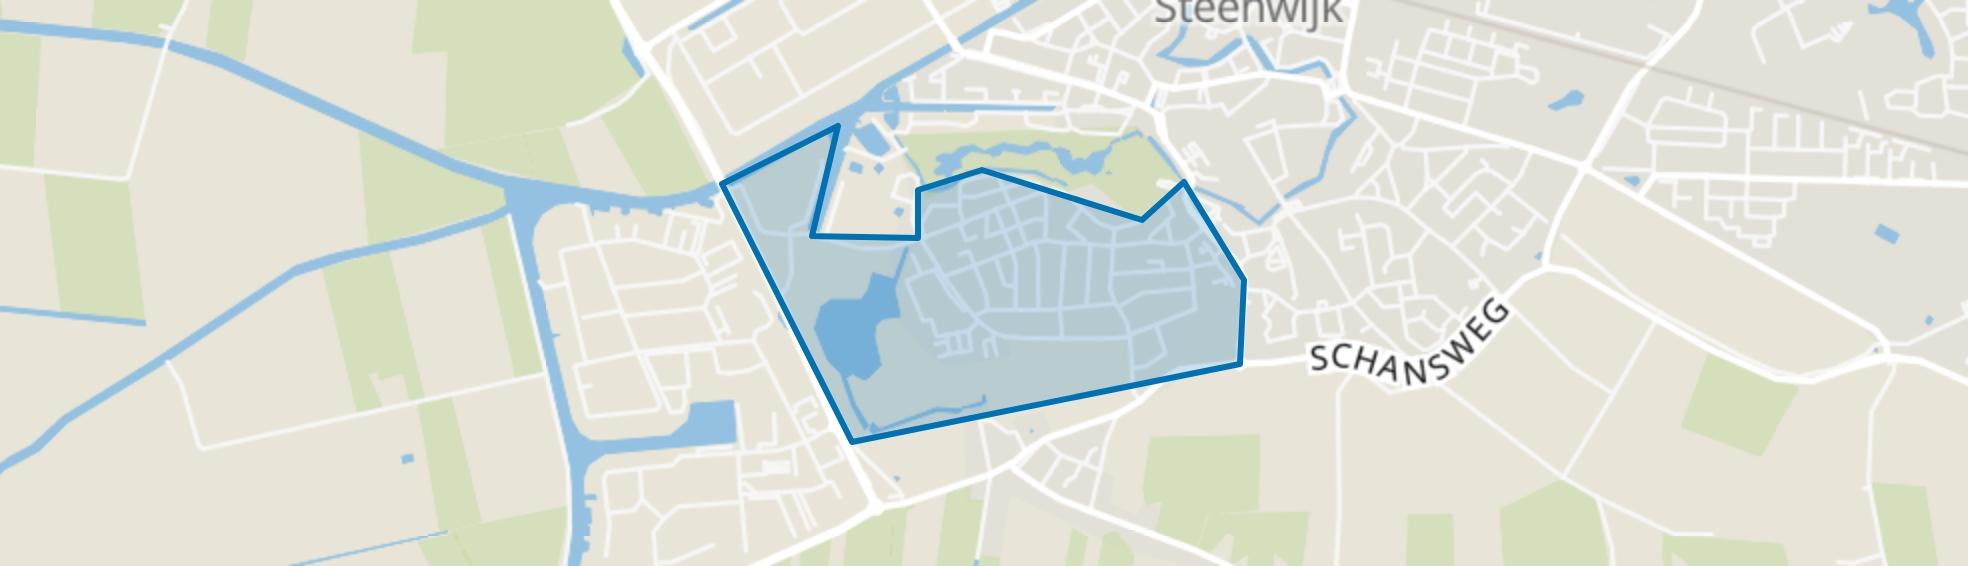 Steenwijk West, Steenwijk map